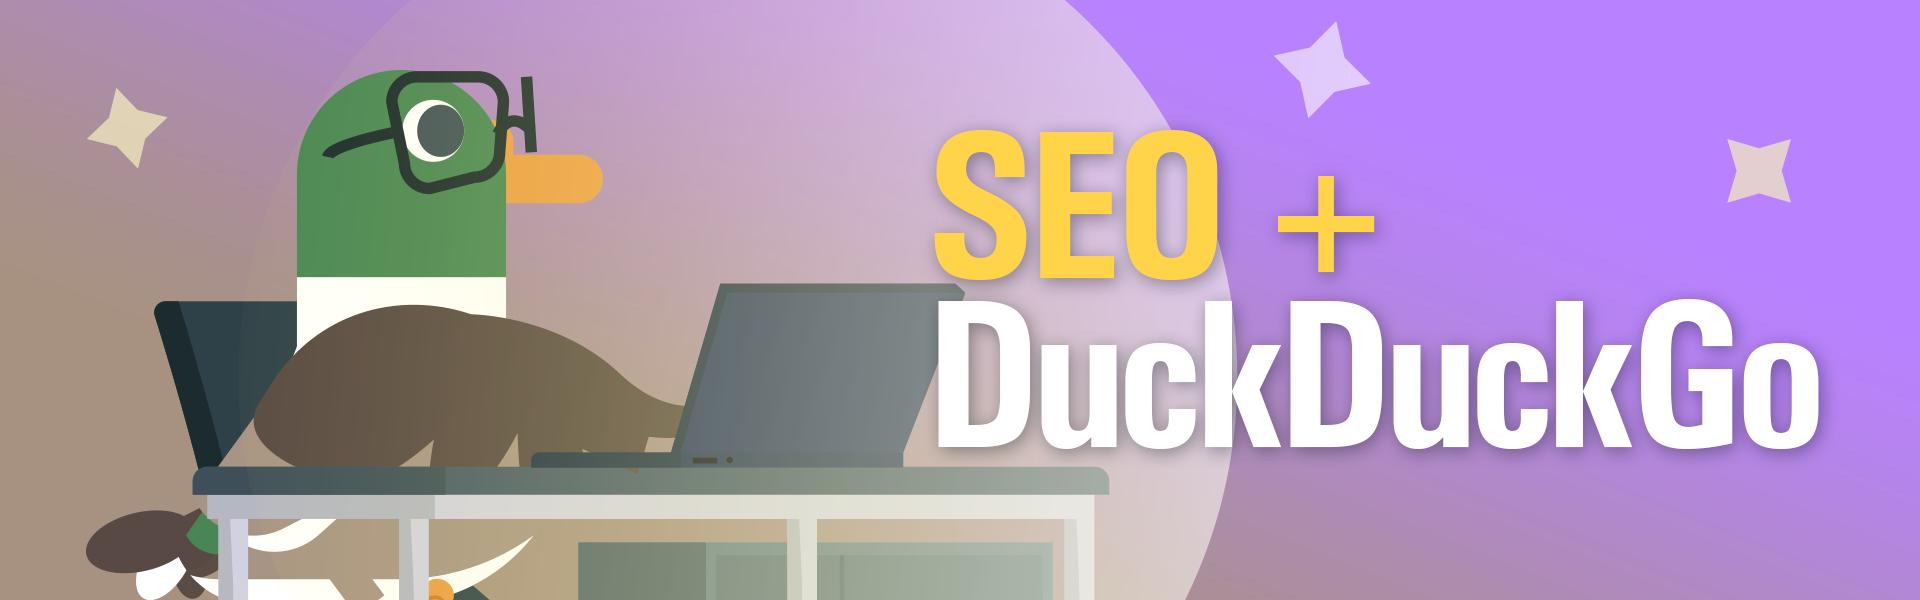 SEO + DuckDuckGo